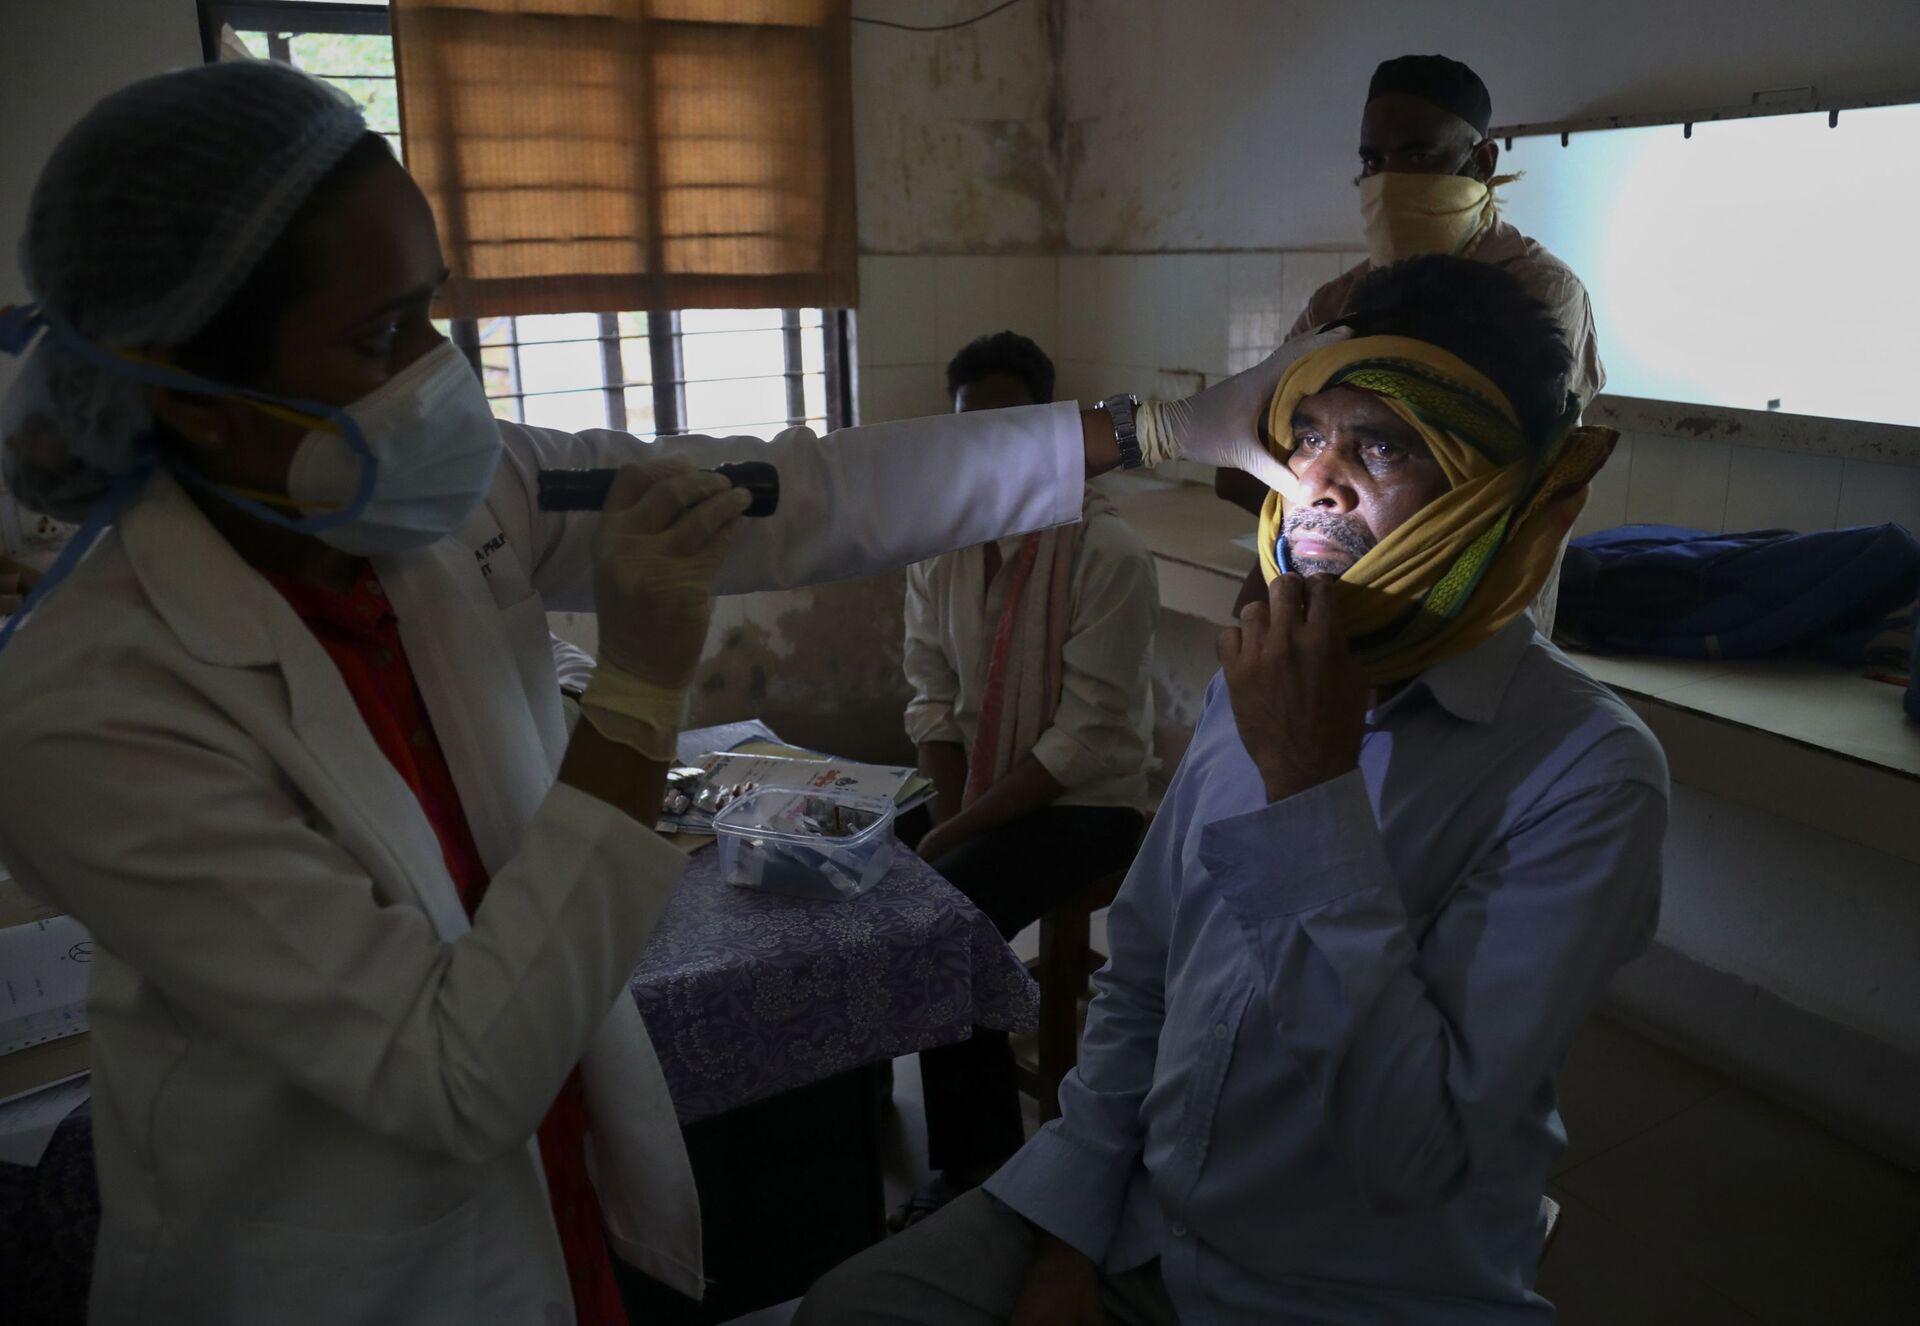 Nấm mốc và coronavirus ở Ấn Độ. Vấn đề nghiêm trọng đến mức nào? - Sputnik Việt Nam, 1920, 26.05.2021